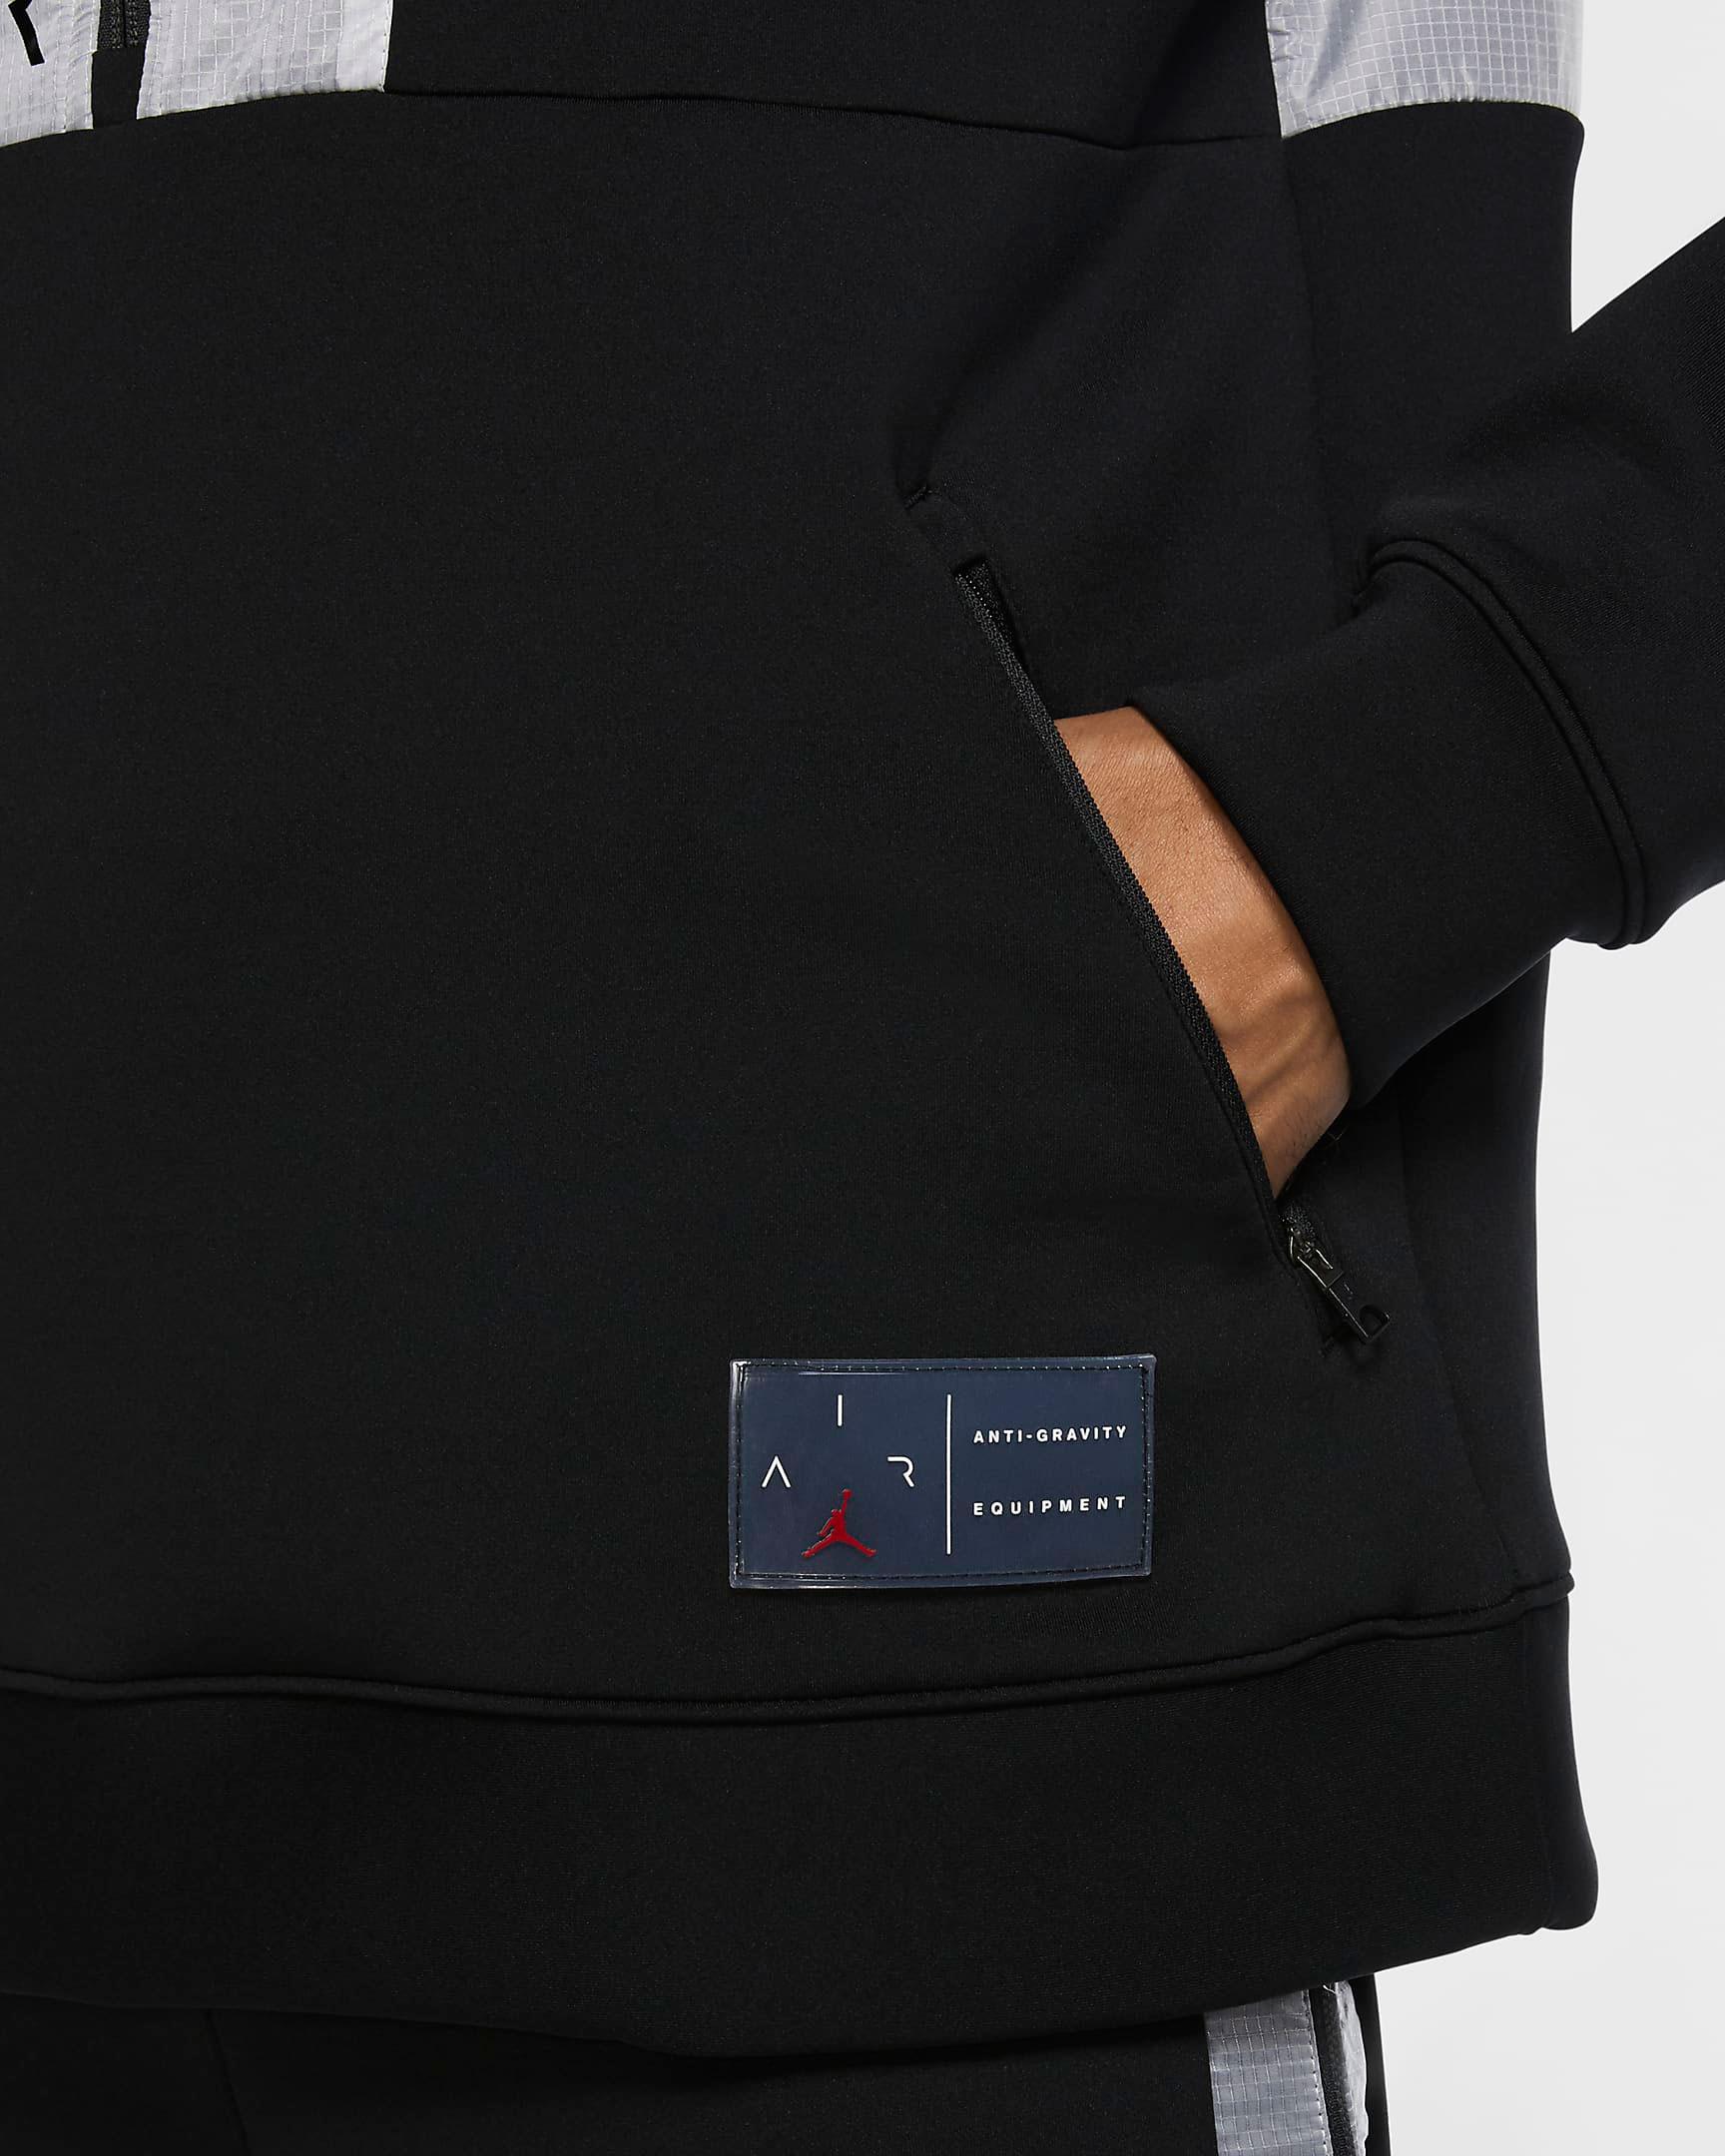 air-jordan-11-jubilee-black-white-jordan-hoodie-3